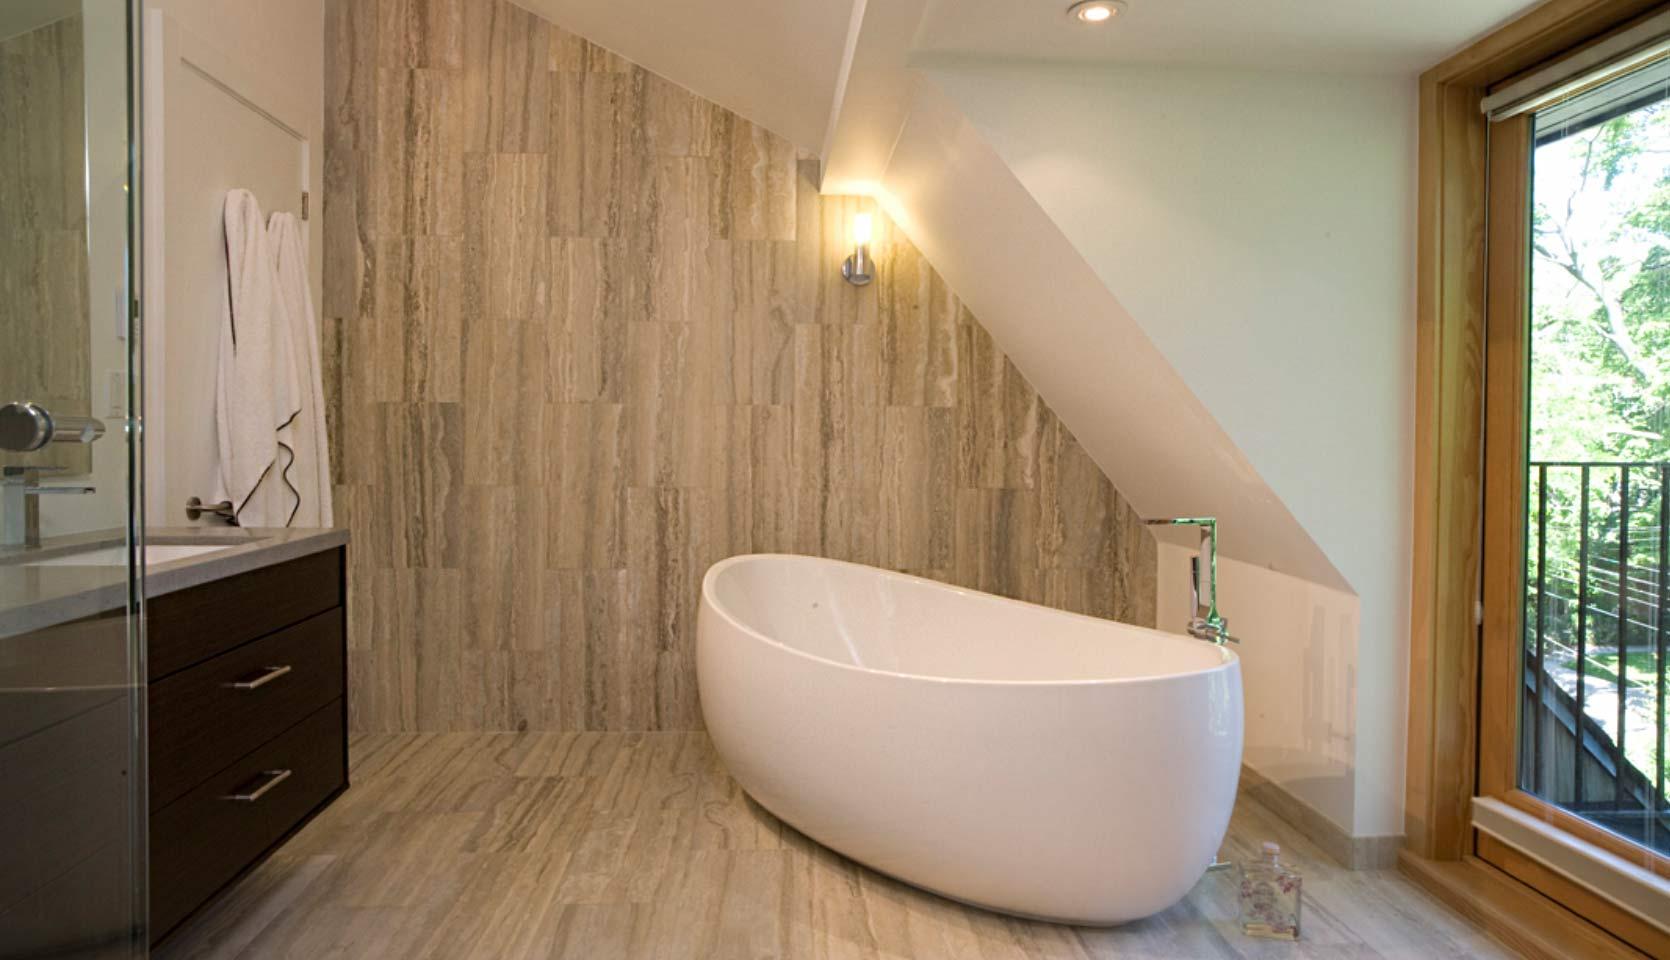 severnwoods-roxborough-house-bathroom